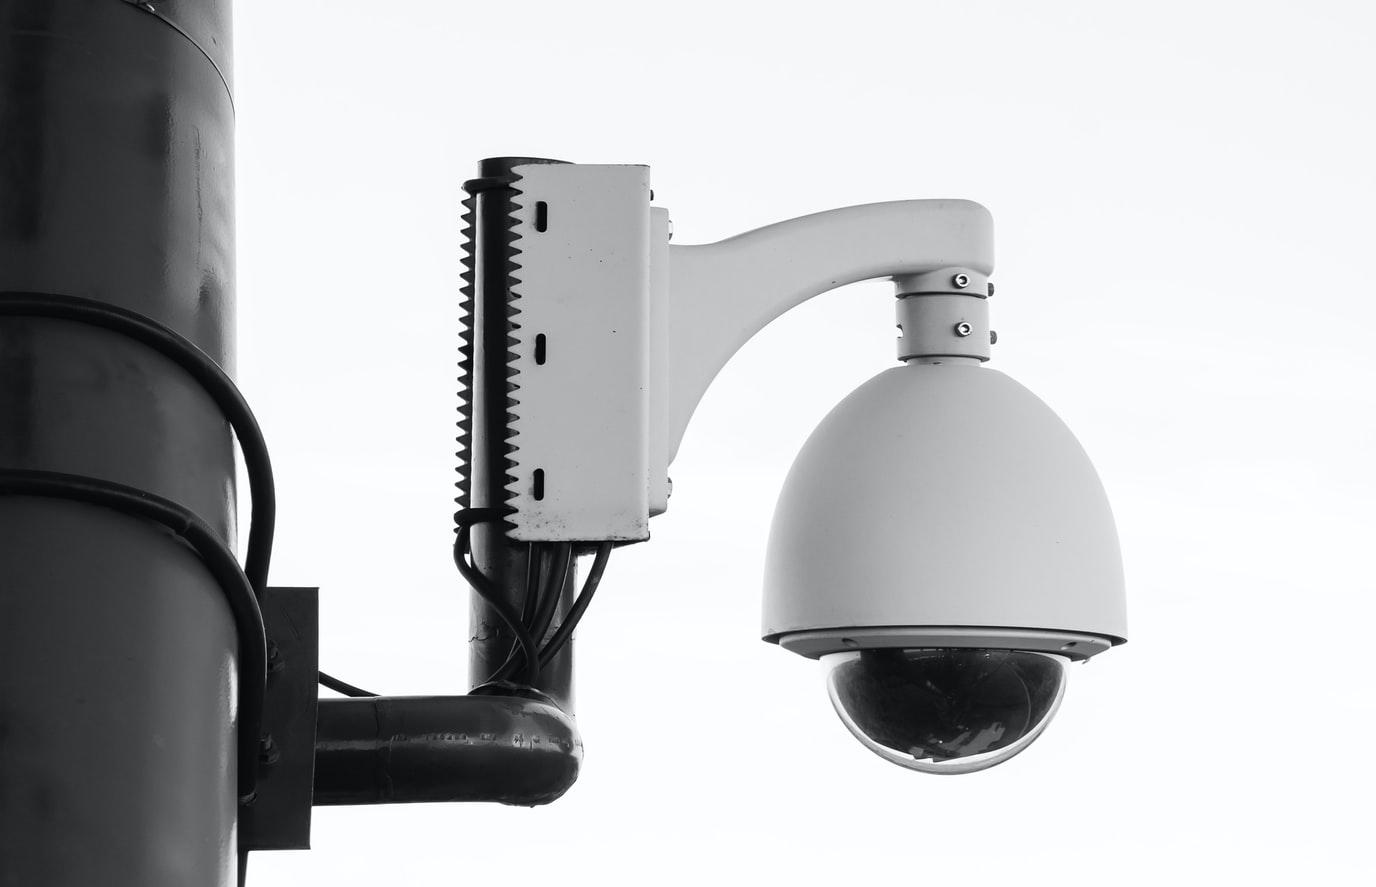 Amazon zabrania amerykańskiej policji użytkowania systemu rozpoznawania twarzy